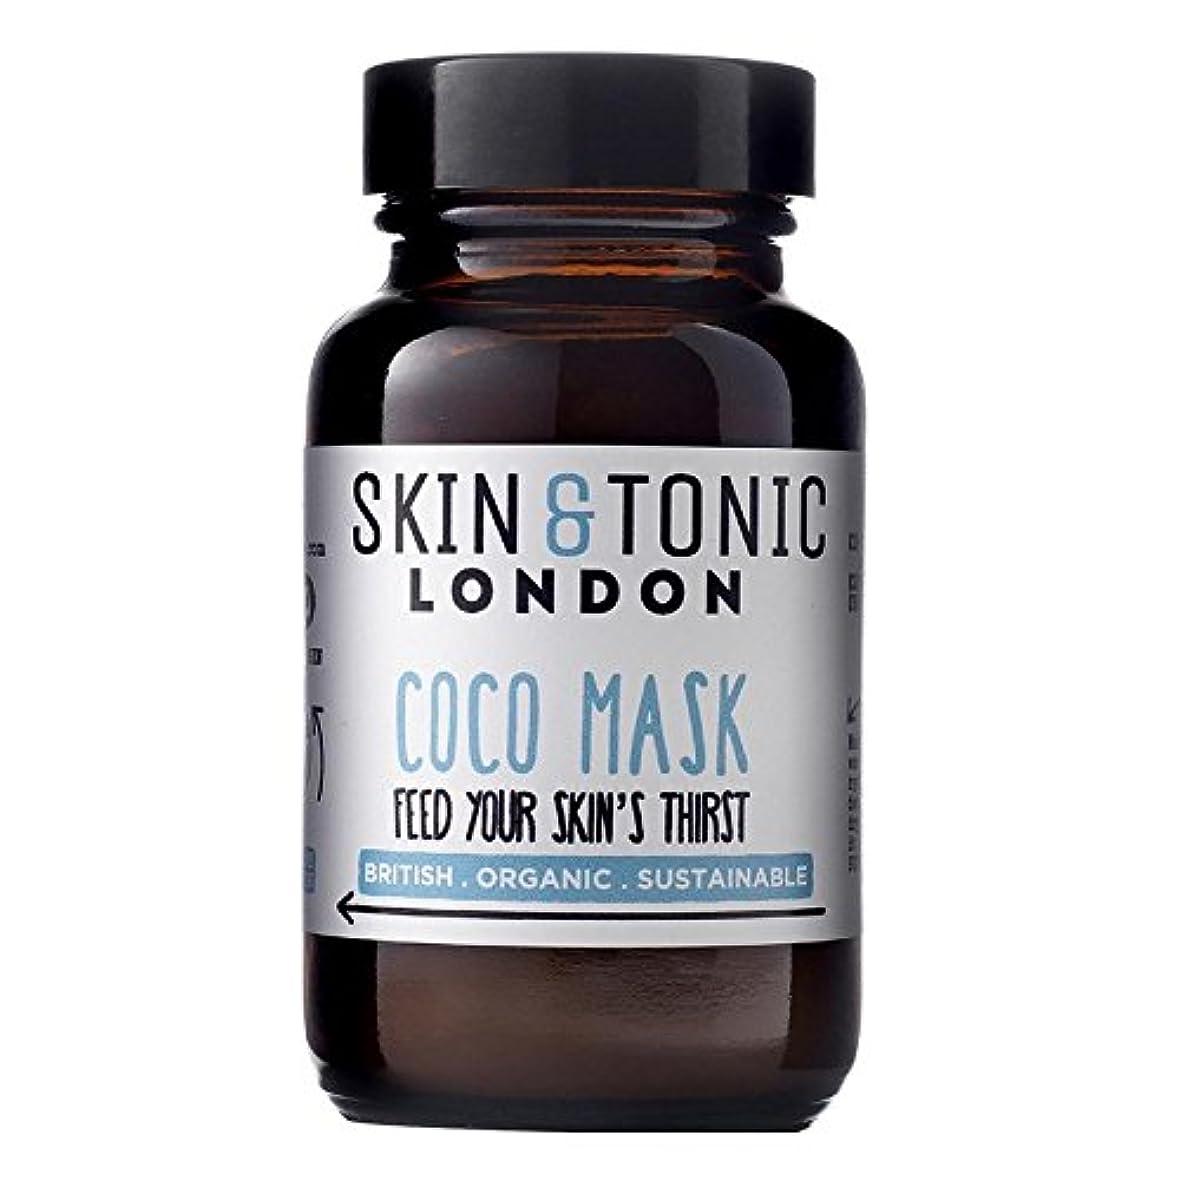 マンハッタンゆでる控えめなSkin & Tonic London Coco Mask 50g - スキン&トニックロンドンココマスク50グラム [並行輸入品]